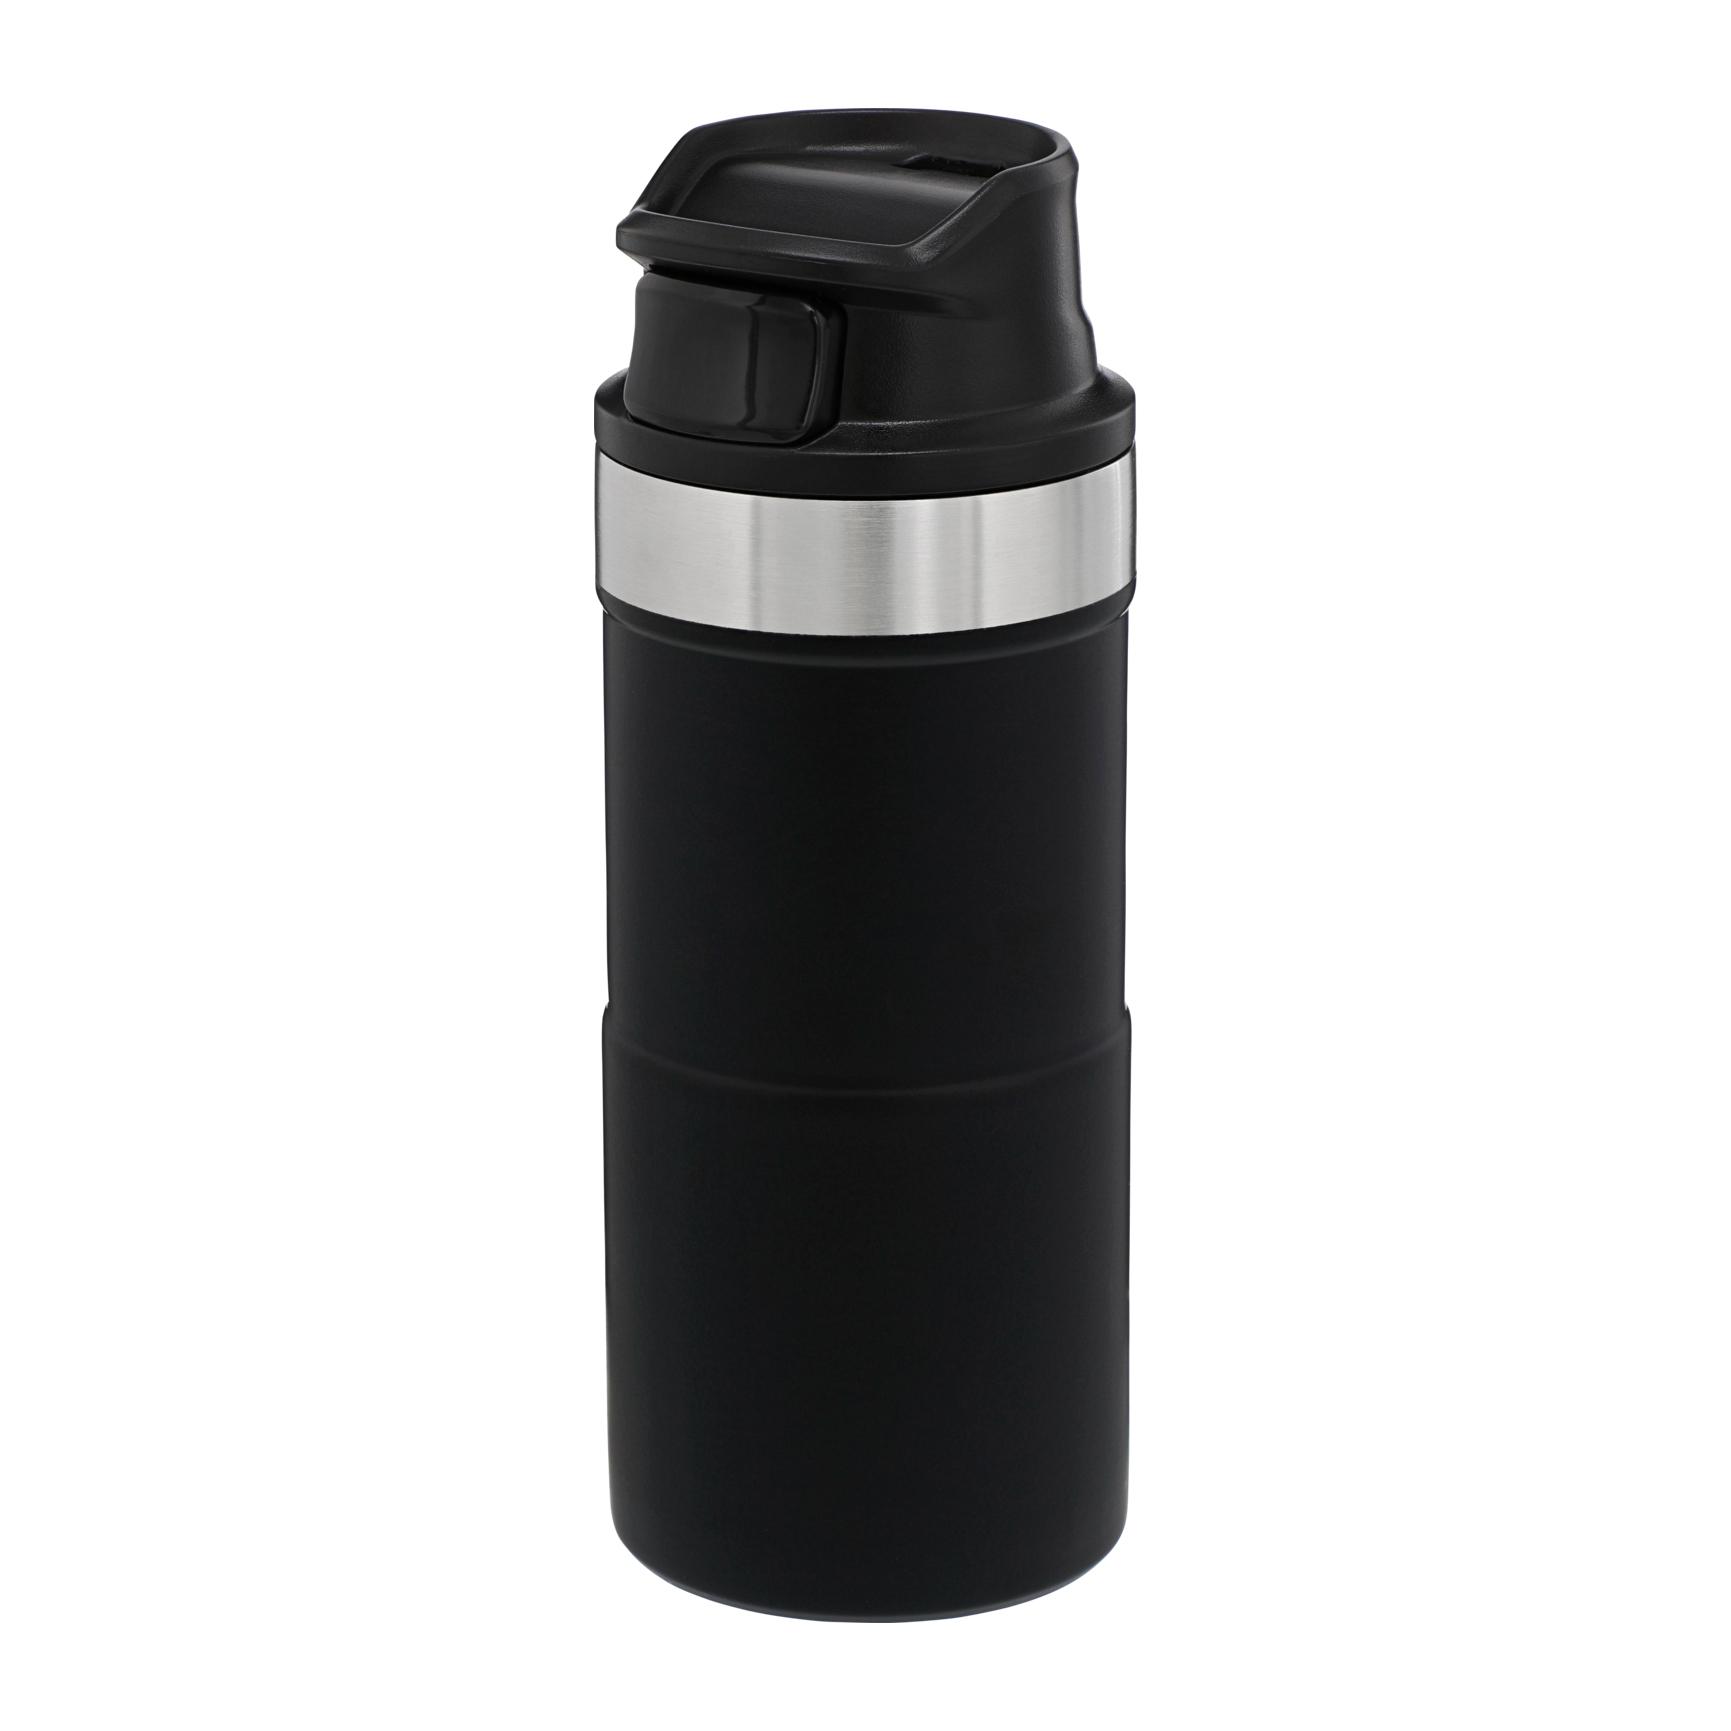 Bình giữ nhiệt Stanley Classic Trigger Action Travel Mug 12oz | 350ml